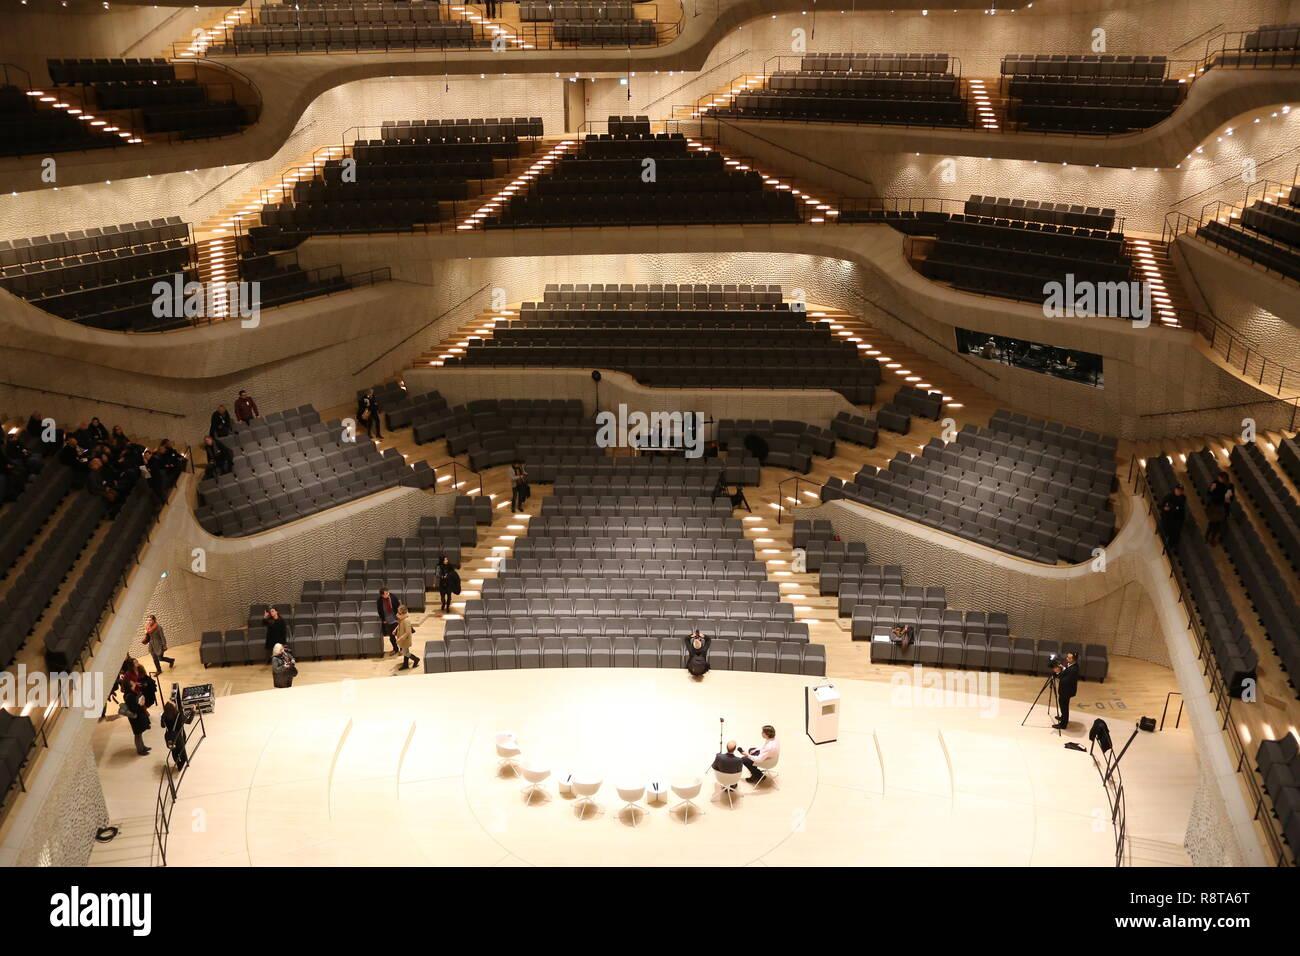 Elbphilharmonie Großer Saal Der schönste Blick auf die Ränge: die Stufen bilden einen fast symetrischen Weihnachtsbaum. - Stock Image